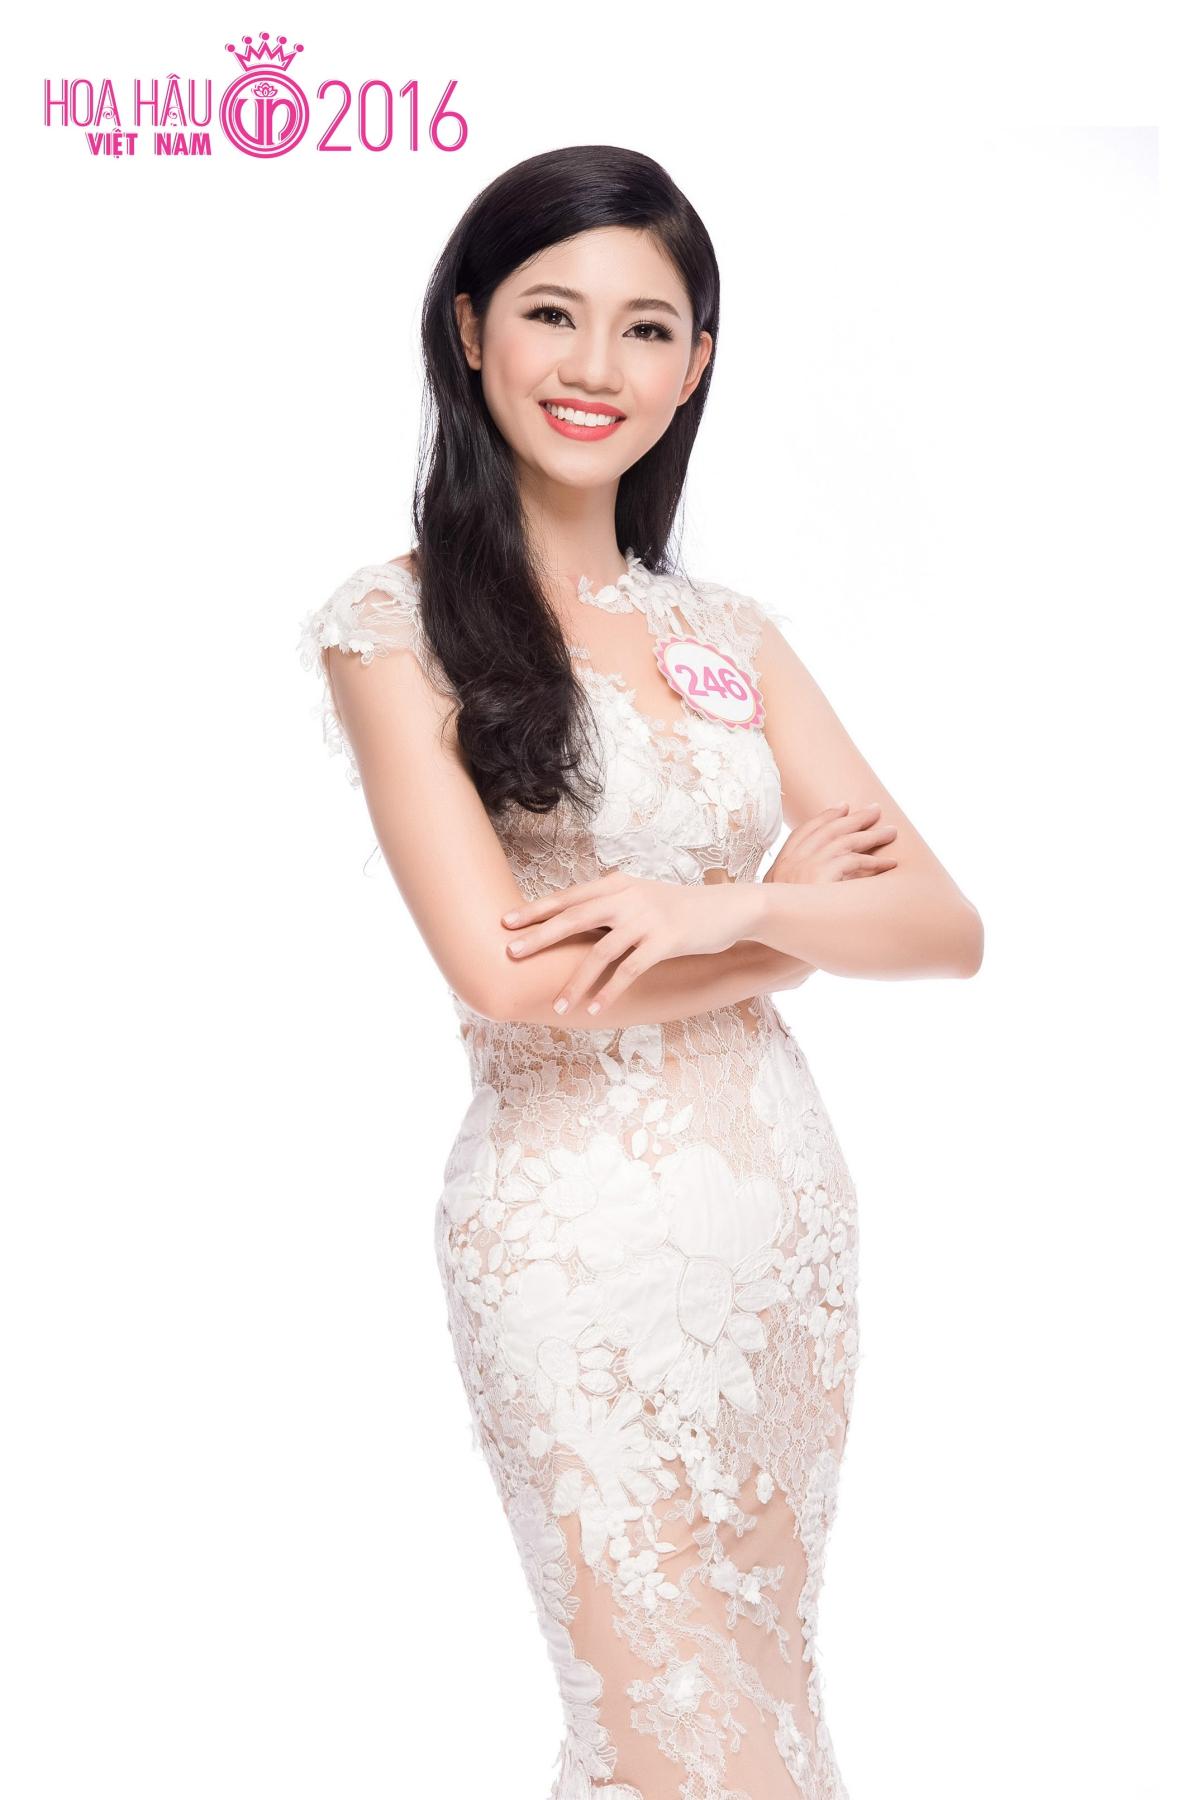 Á hậu 1 Việt Nam 2016, Ngô Thanh Thanh Tú sinh năm 1994 đến từ Hà Nội. Hiện Thanh Tú vừa tốt nghiệp trường Đại học Ngoại giao Hà Nội.